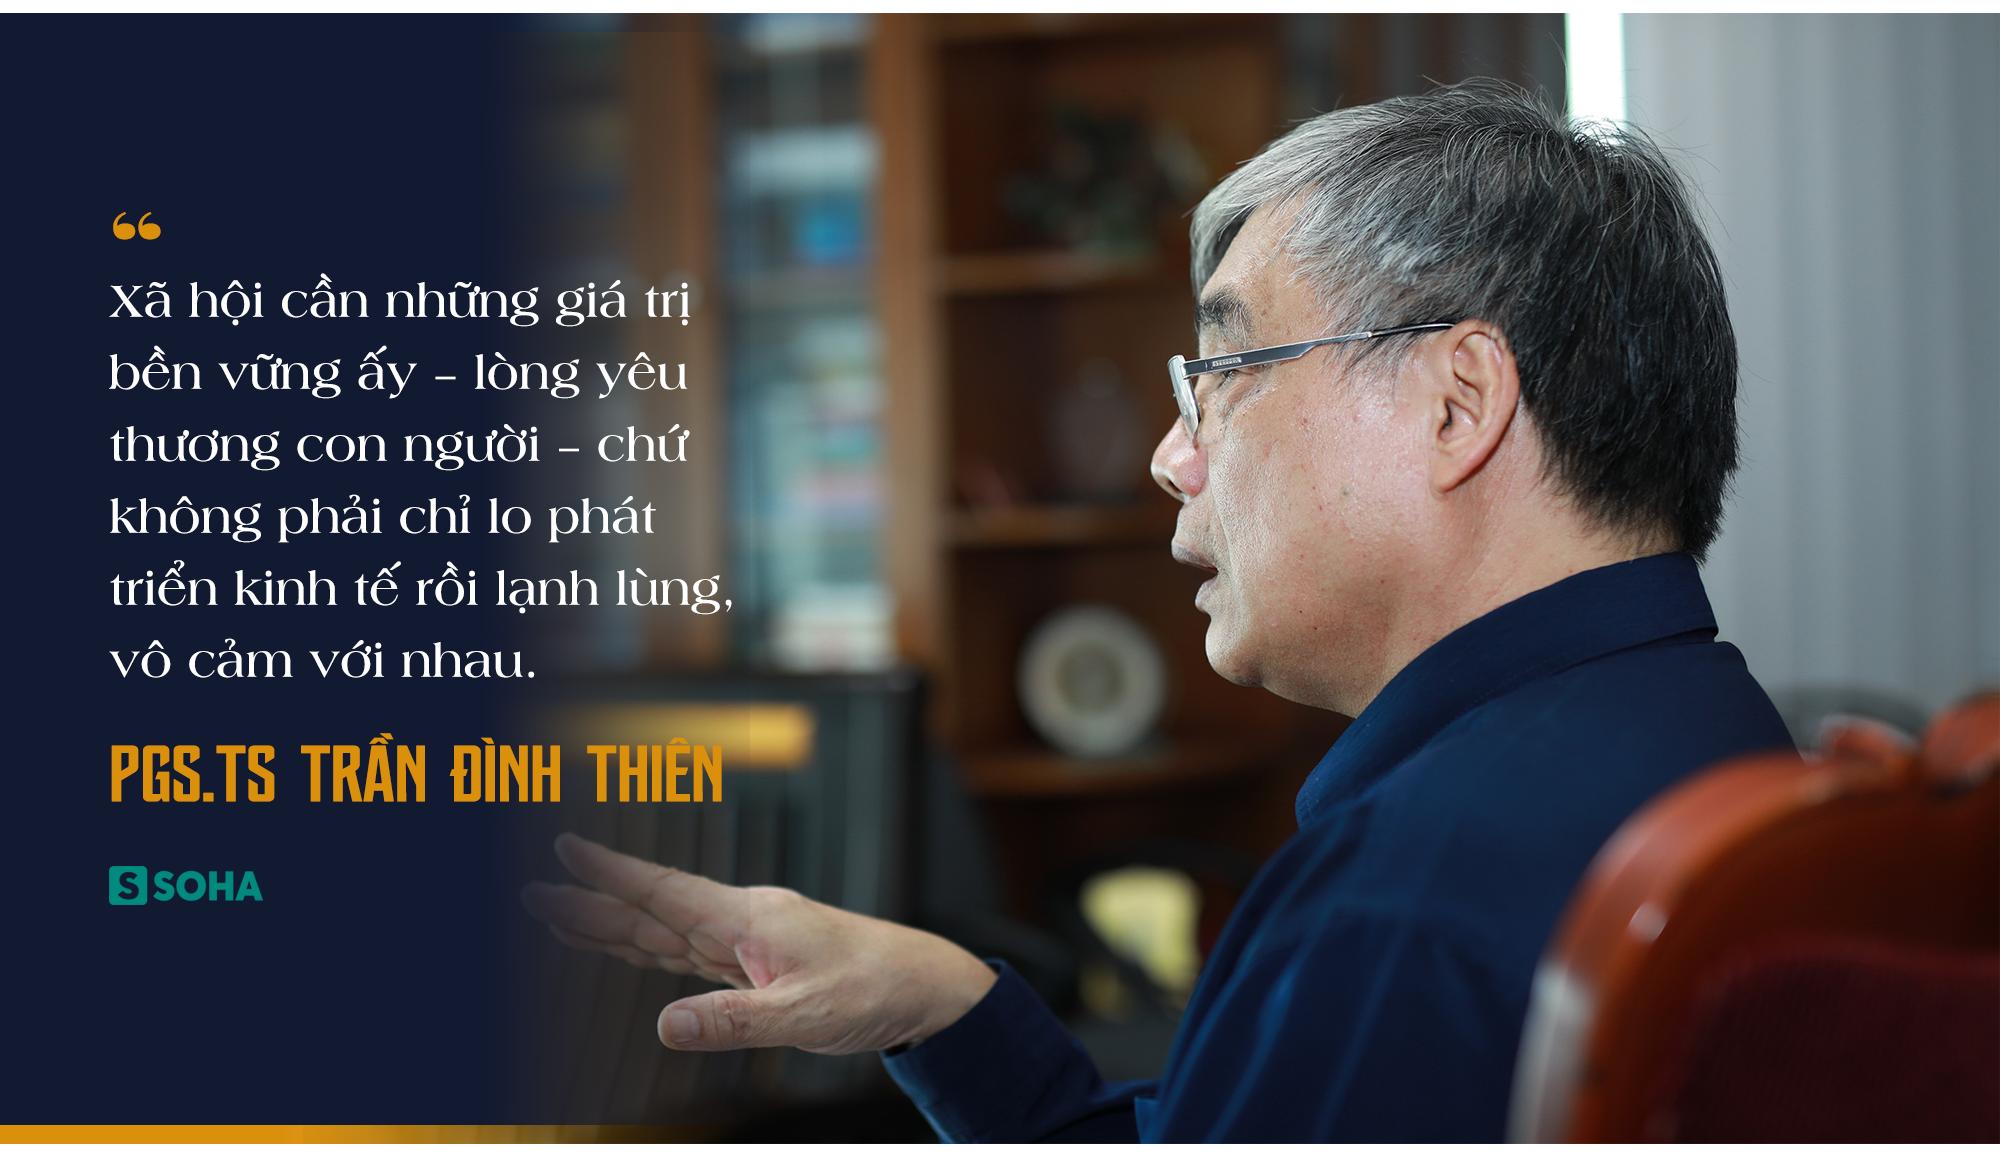 PGS.TS Trần Đình Thiên: Việt Nam vẫn có thể lật ngược tình thế tăng trưởng nếu chống dịch Covid-19 cho kết quả tốt - Ảnh 11.